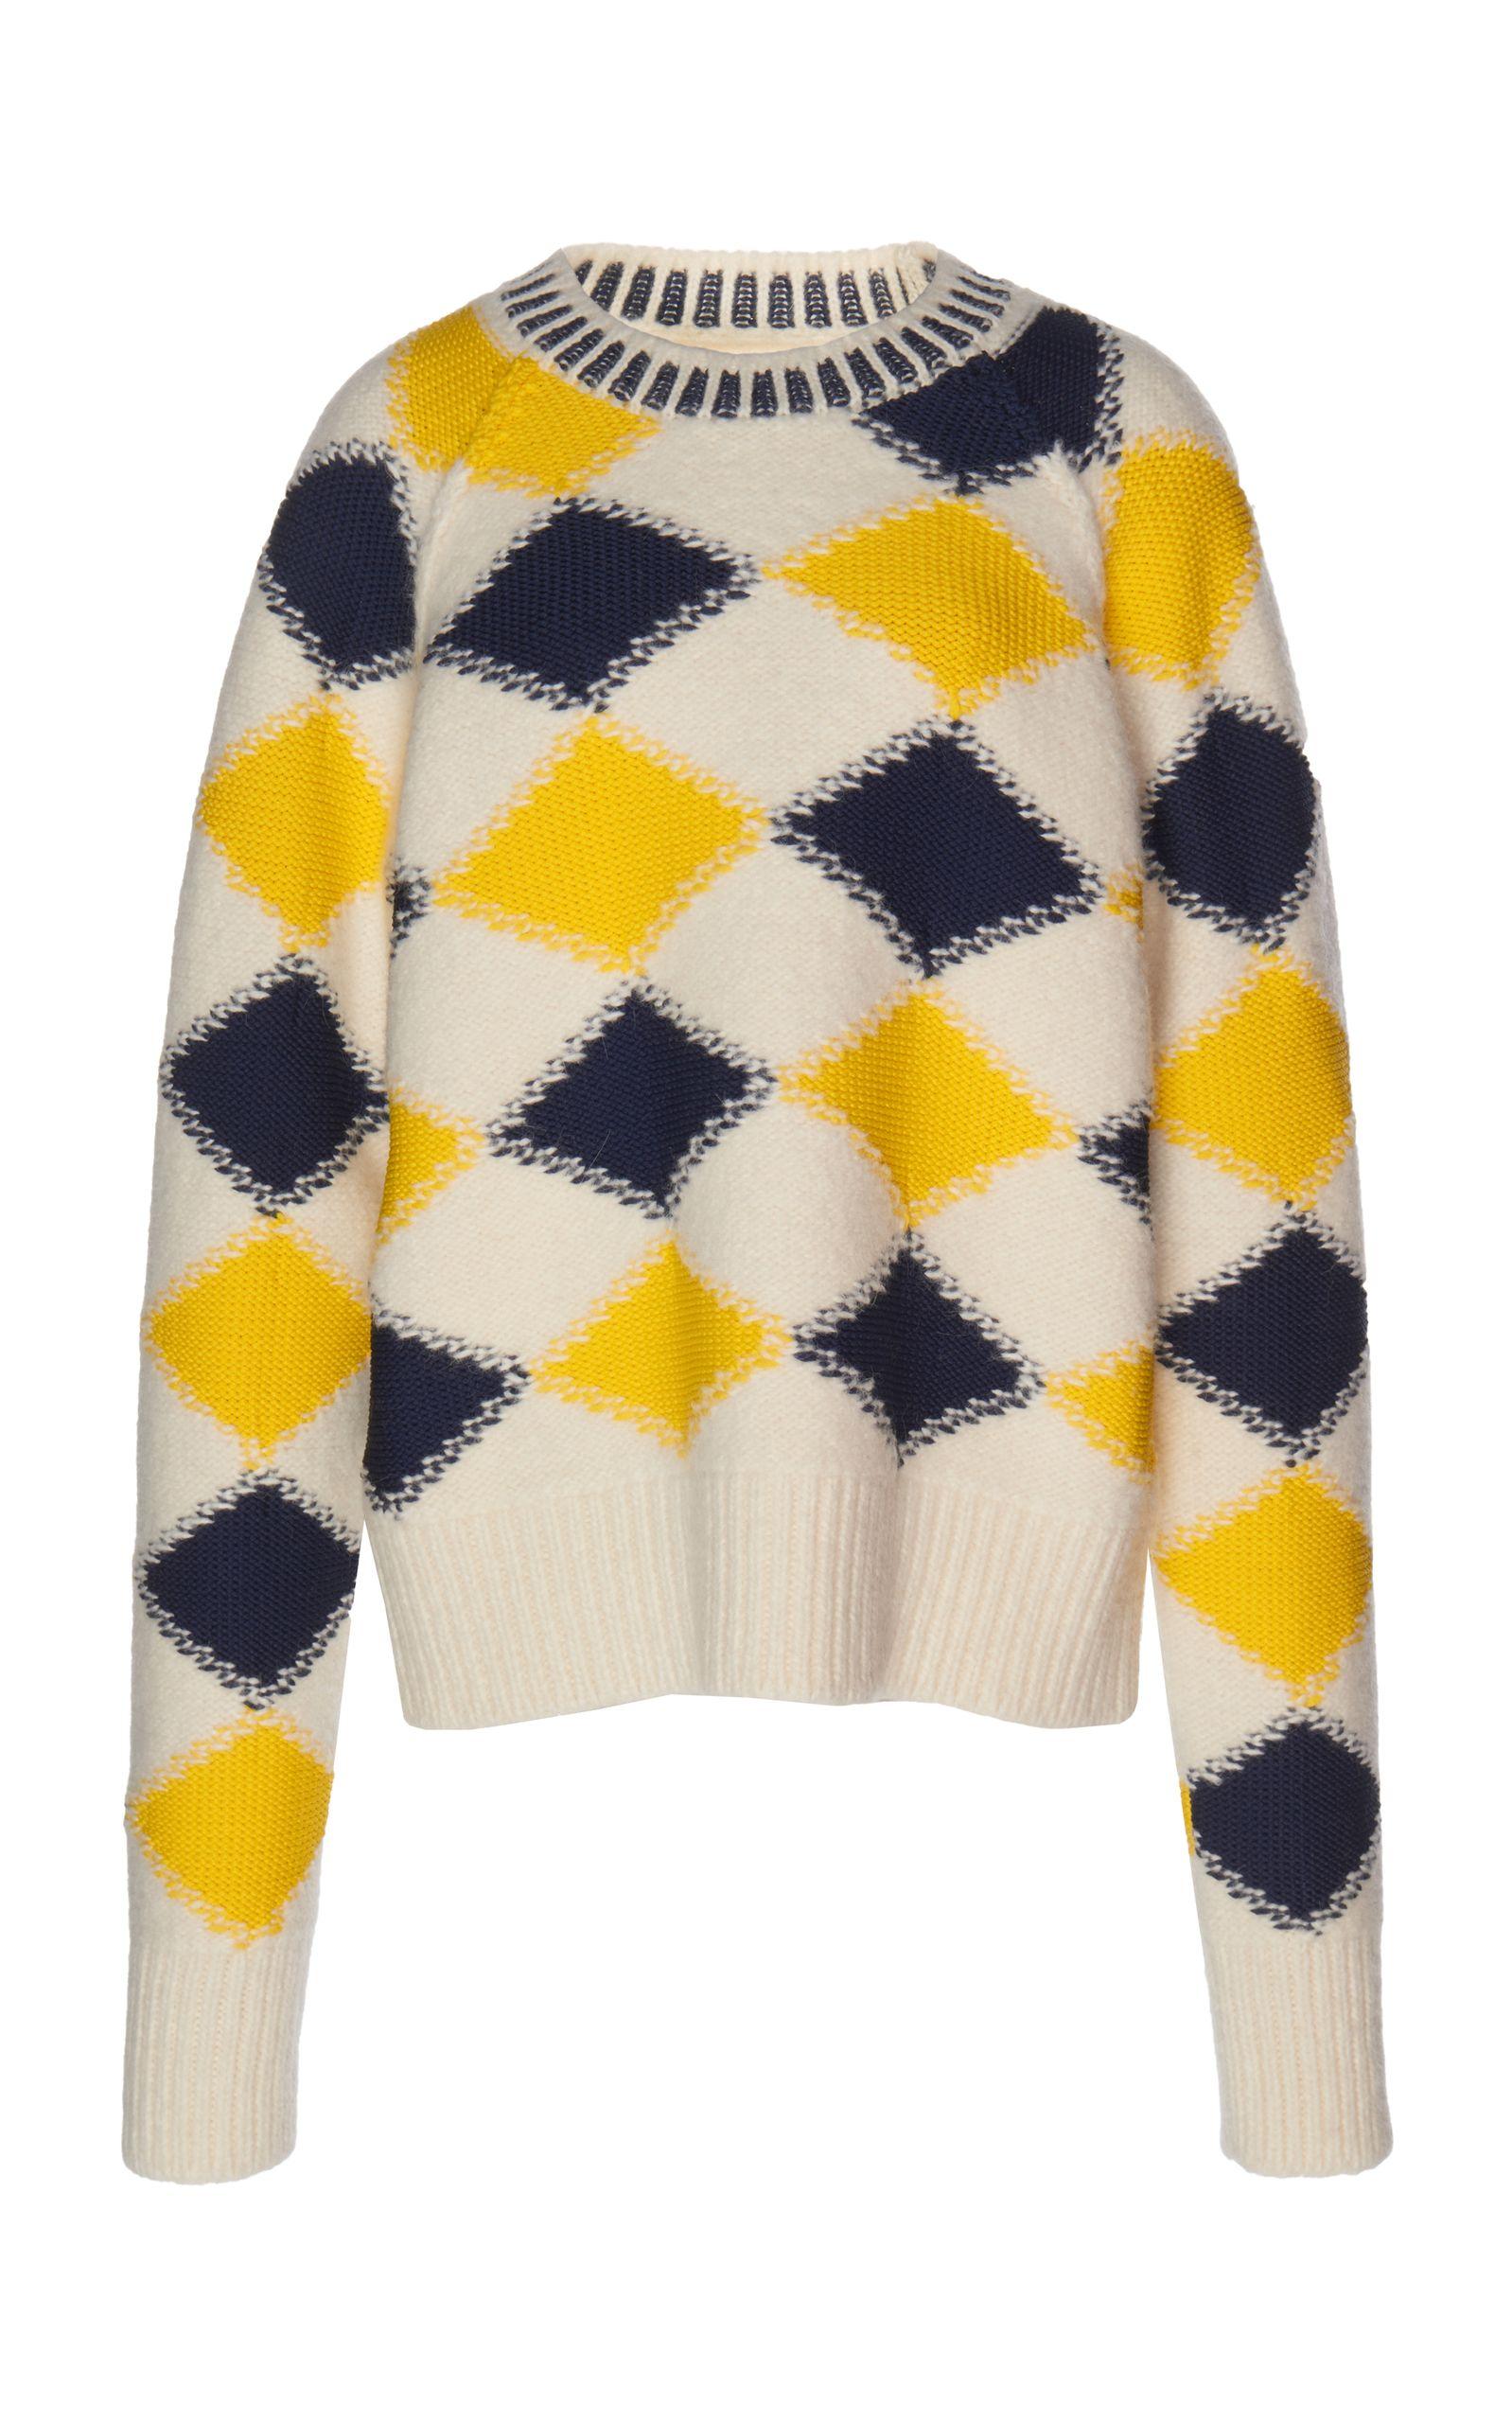 4482d7e3c89 Maison Margiela argyle pullover, fun take on a classic | Fashion ...